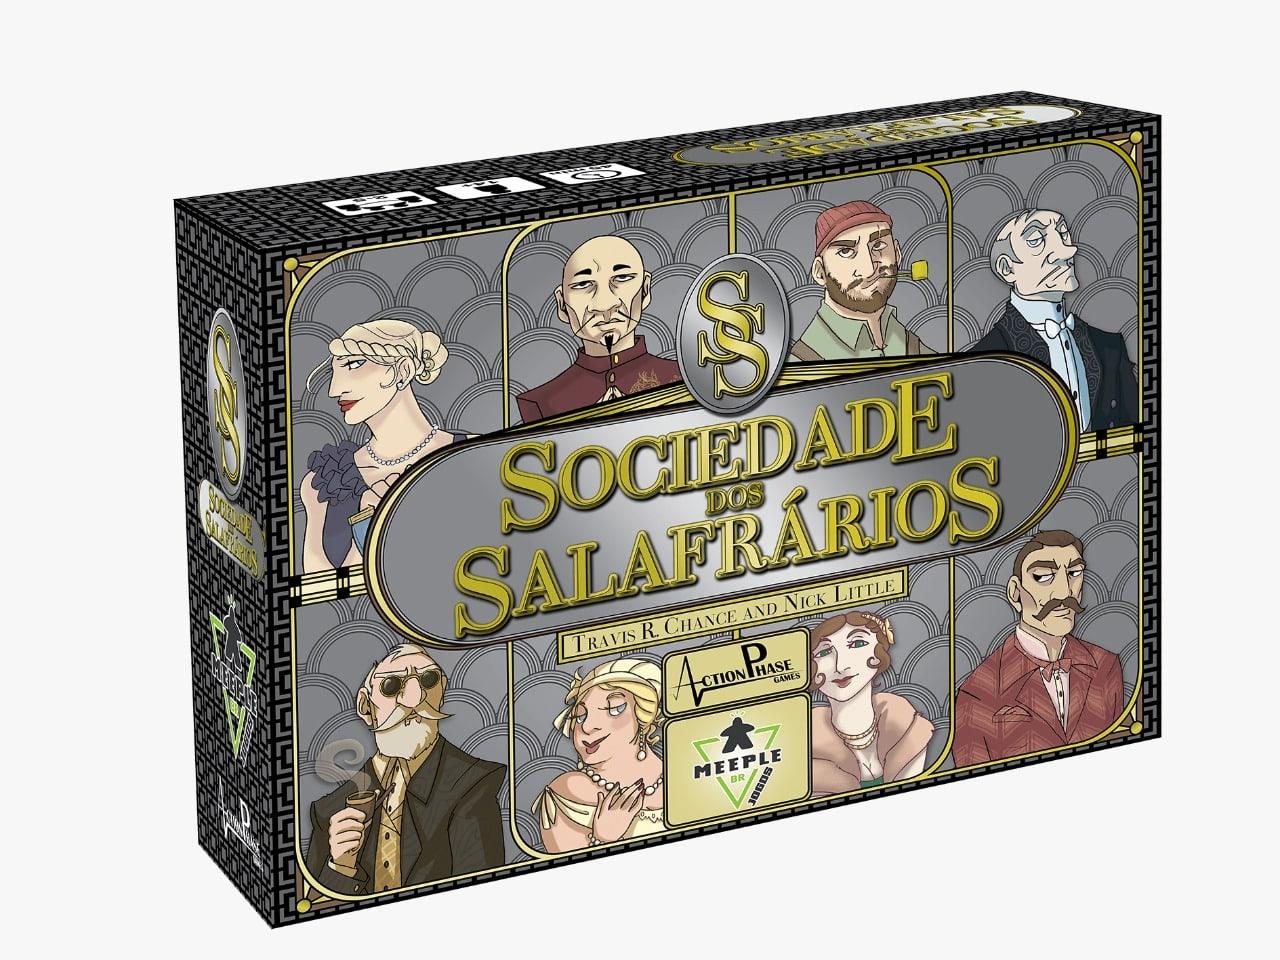 Sociedade dos Salafrarios Jogo de Tabuleiro Meeple BR  - Place Games